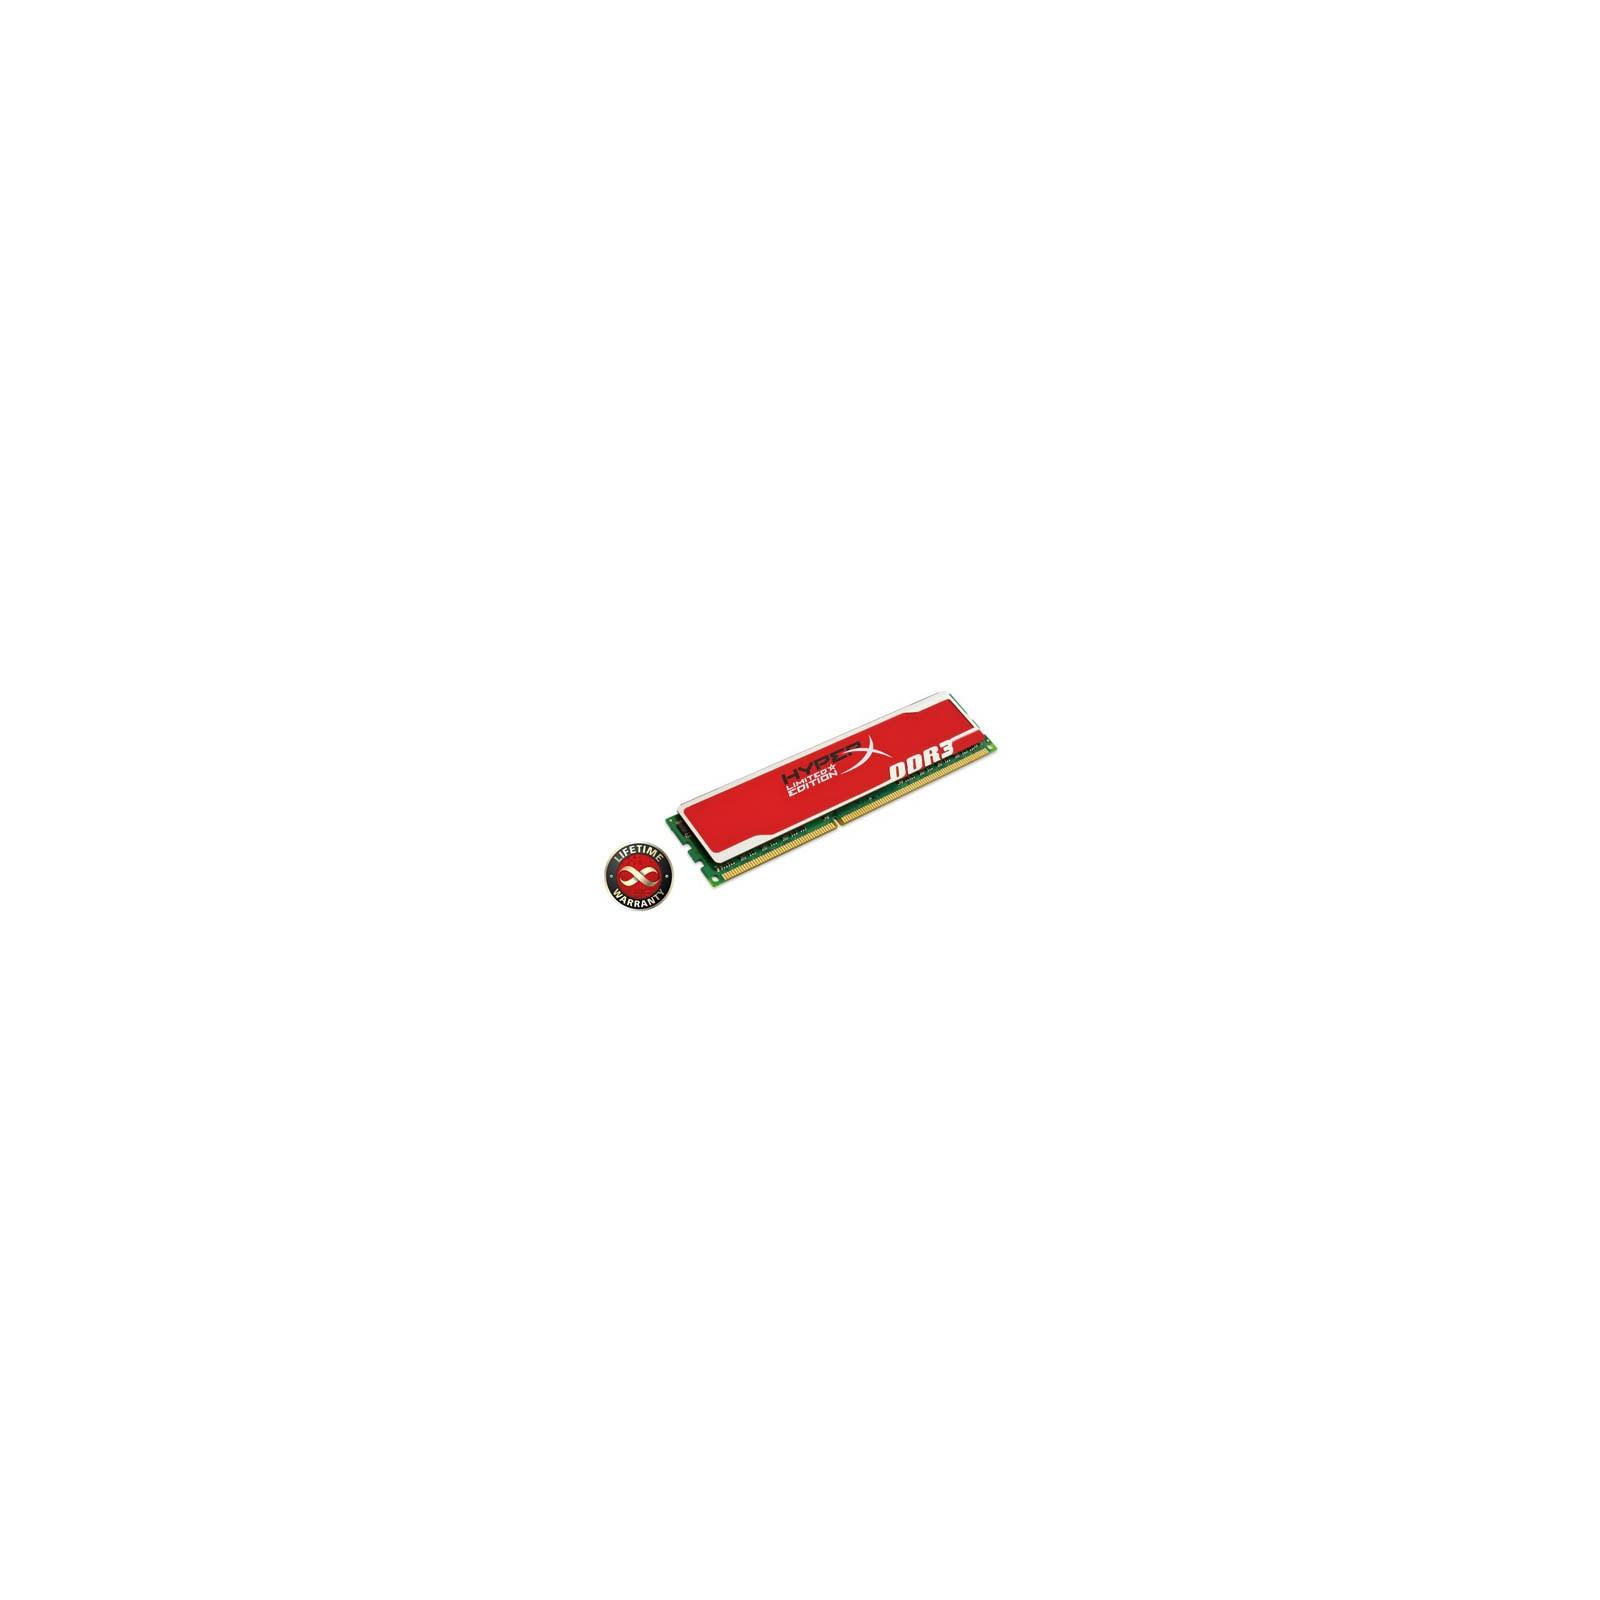 Модуль памяти для компьютера DDR3 4GB 1333 MHz Kingston (KHX1333C9D3B1R/4G)